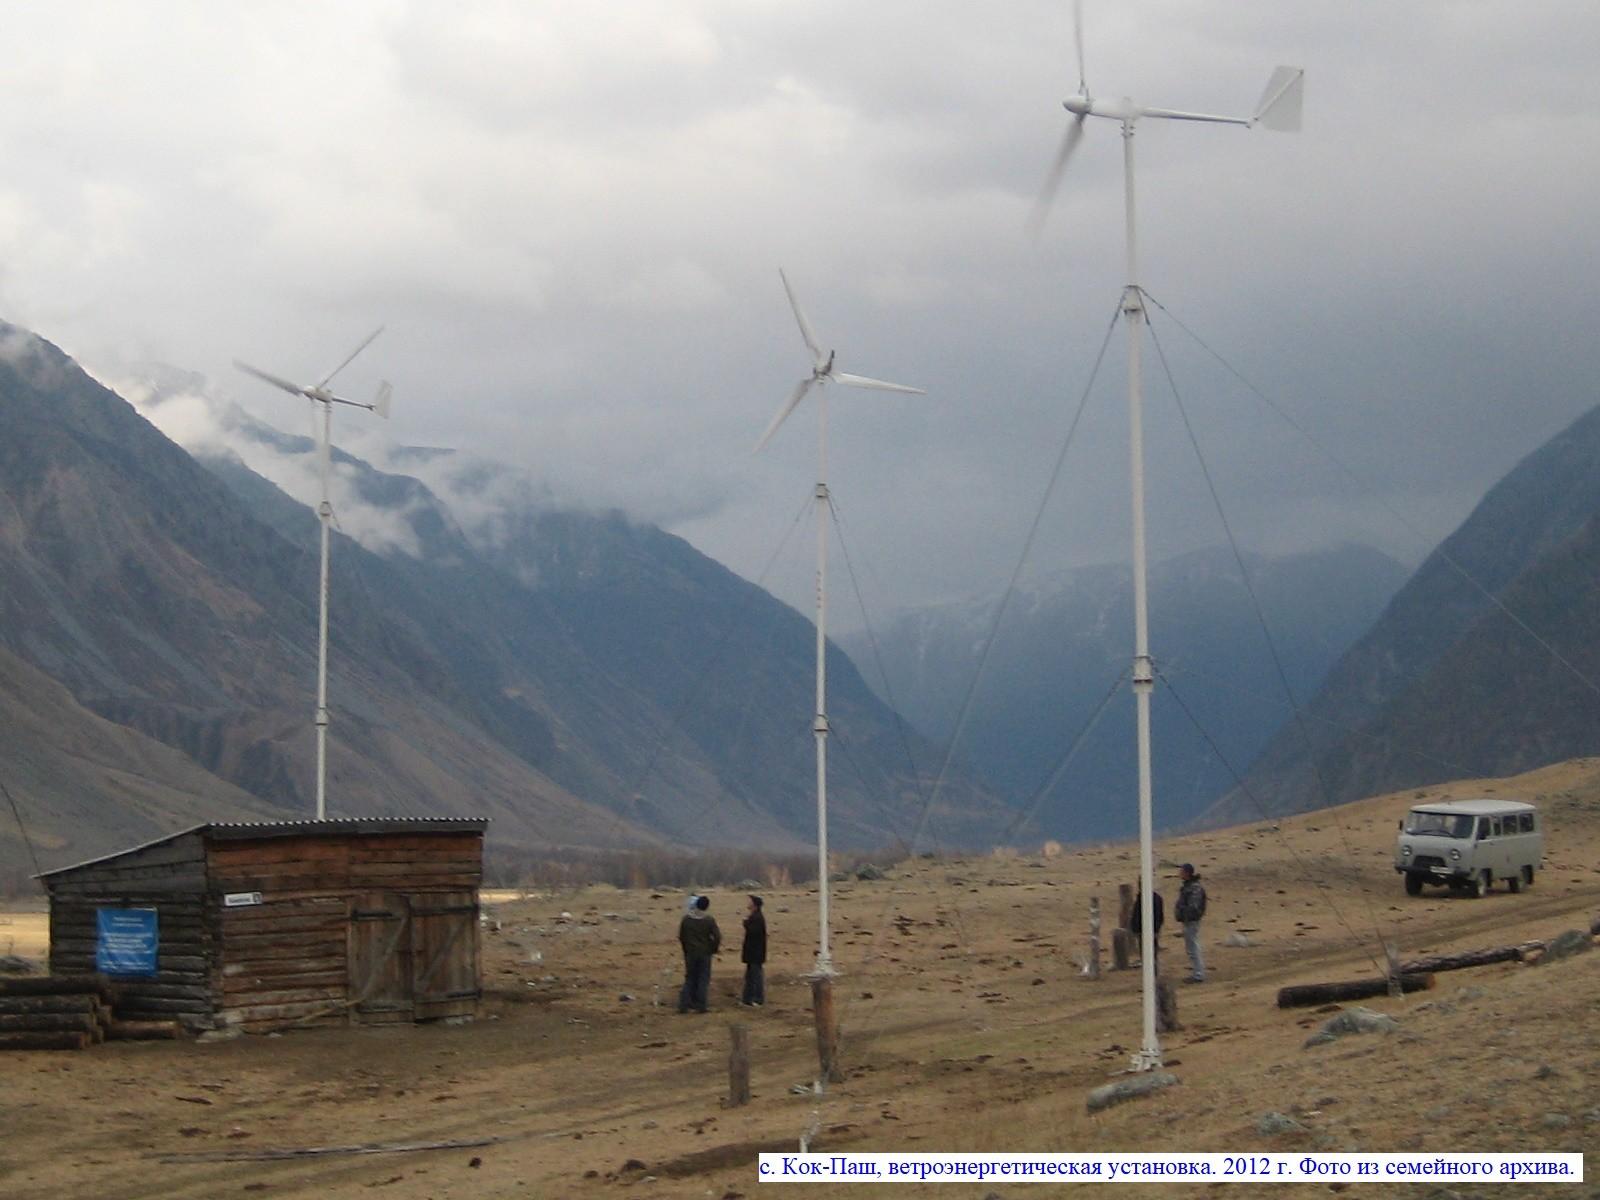 с. Кок-Паш, ветроэнергетическая установка. 2012 г.